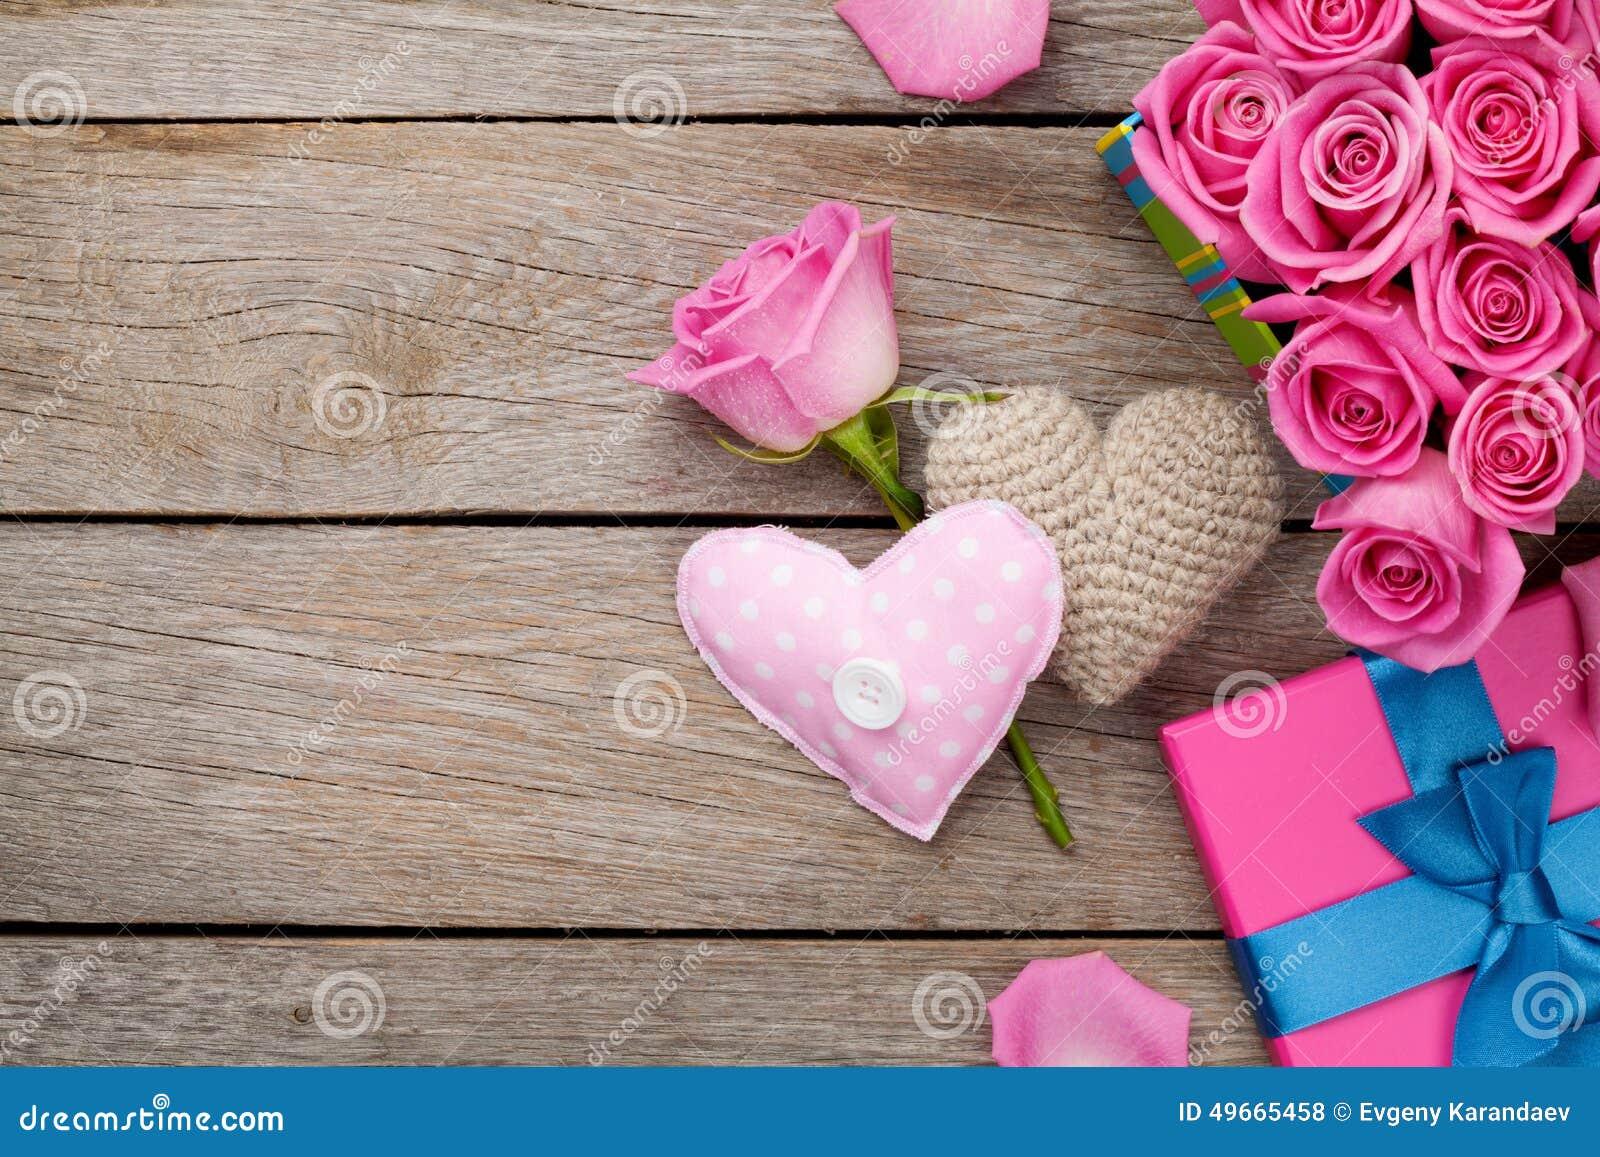 Предпосылка дня валентинок с подарочной коробкой полной розовых роз и h